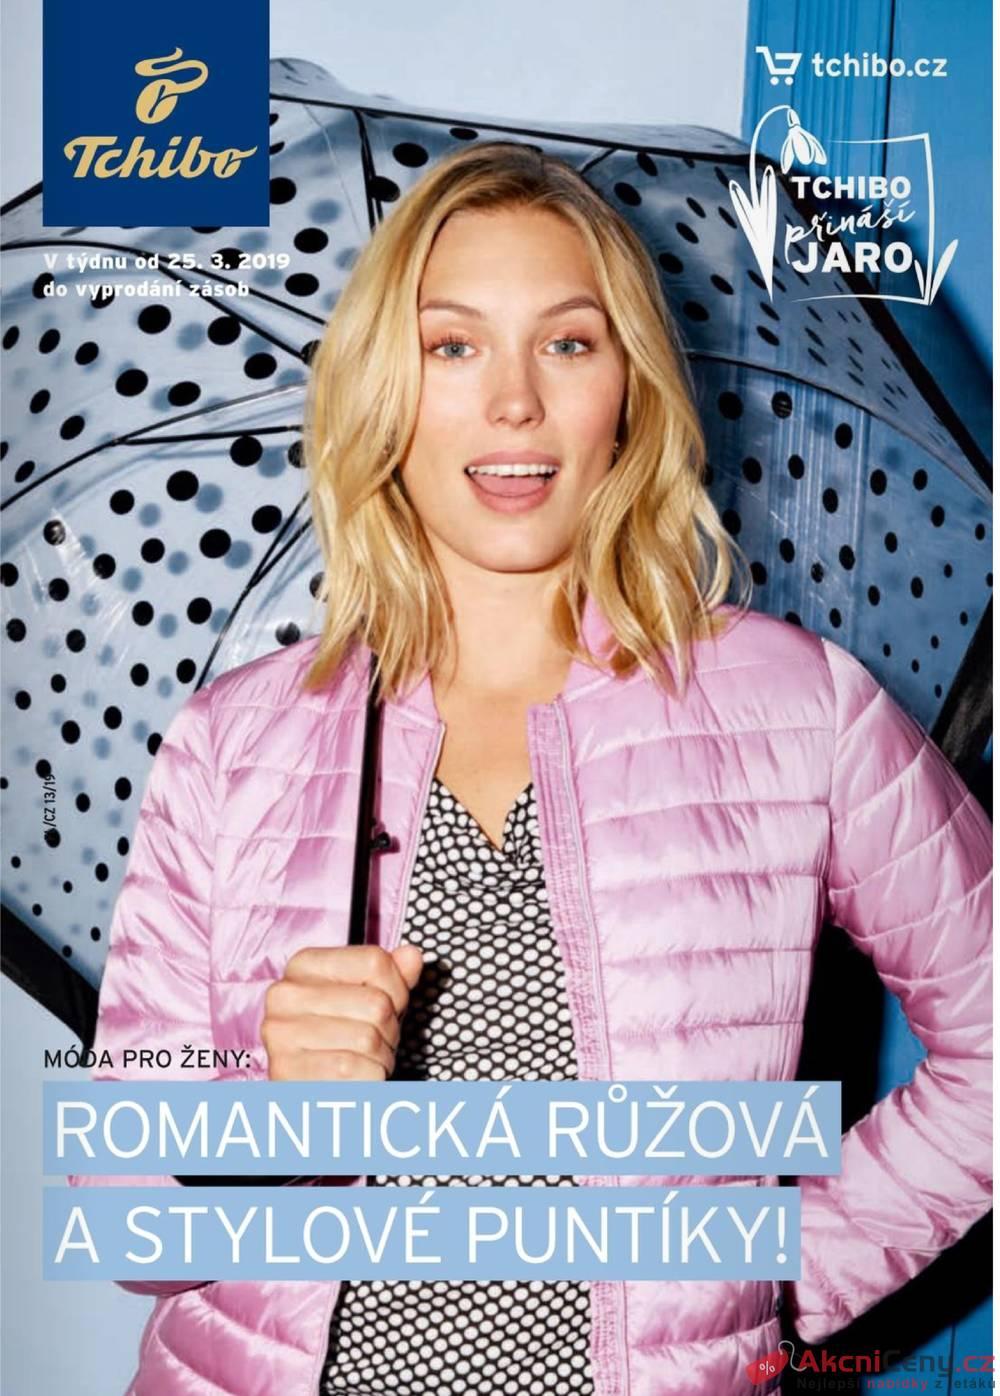 238c6a087 Slevový leták - Tchibo magazín 26.3. - 7.5. - eMimino.cz